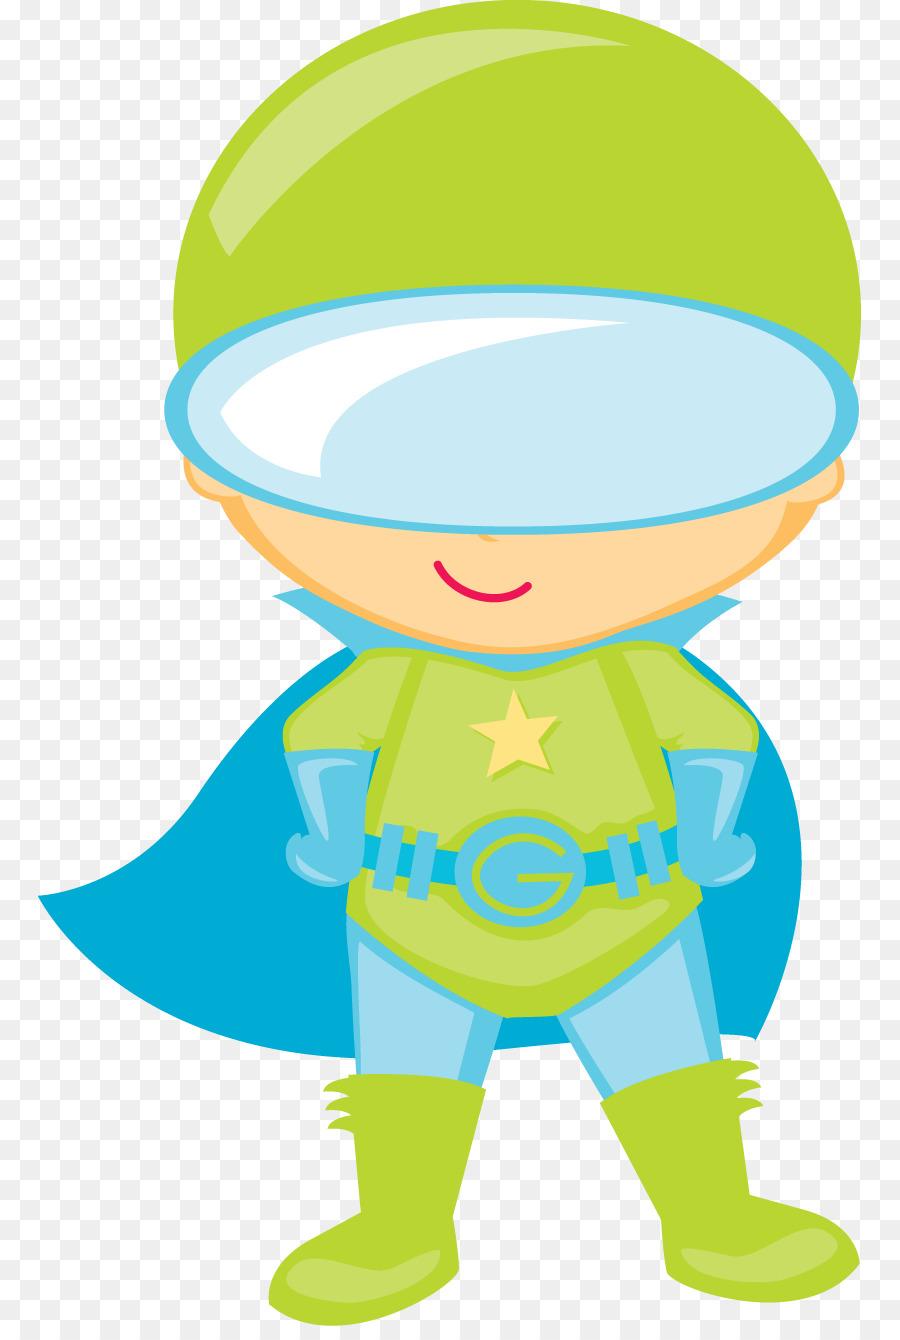 Descarga gratuita de Superhéroe, Niño, Héroe imágenes PNG